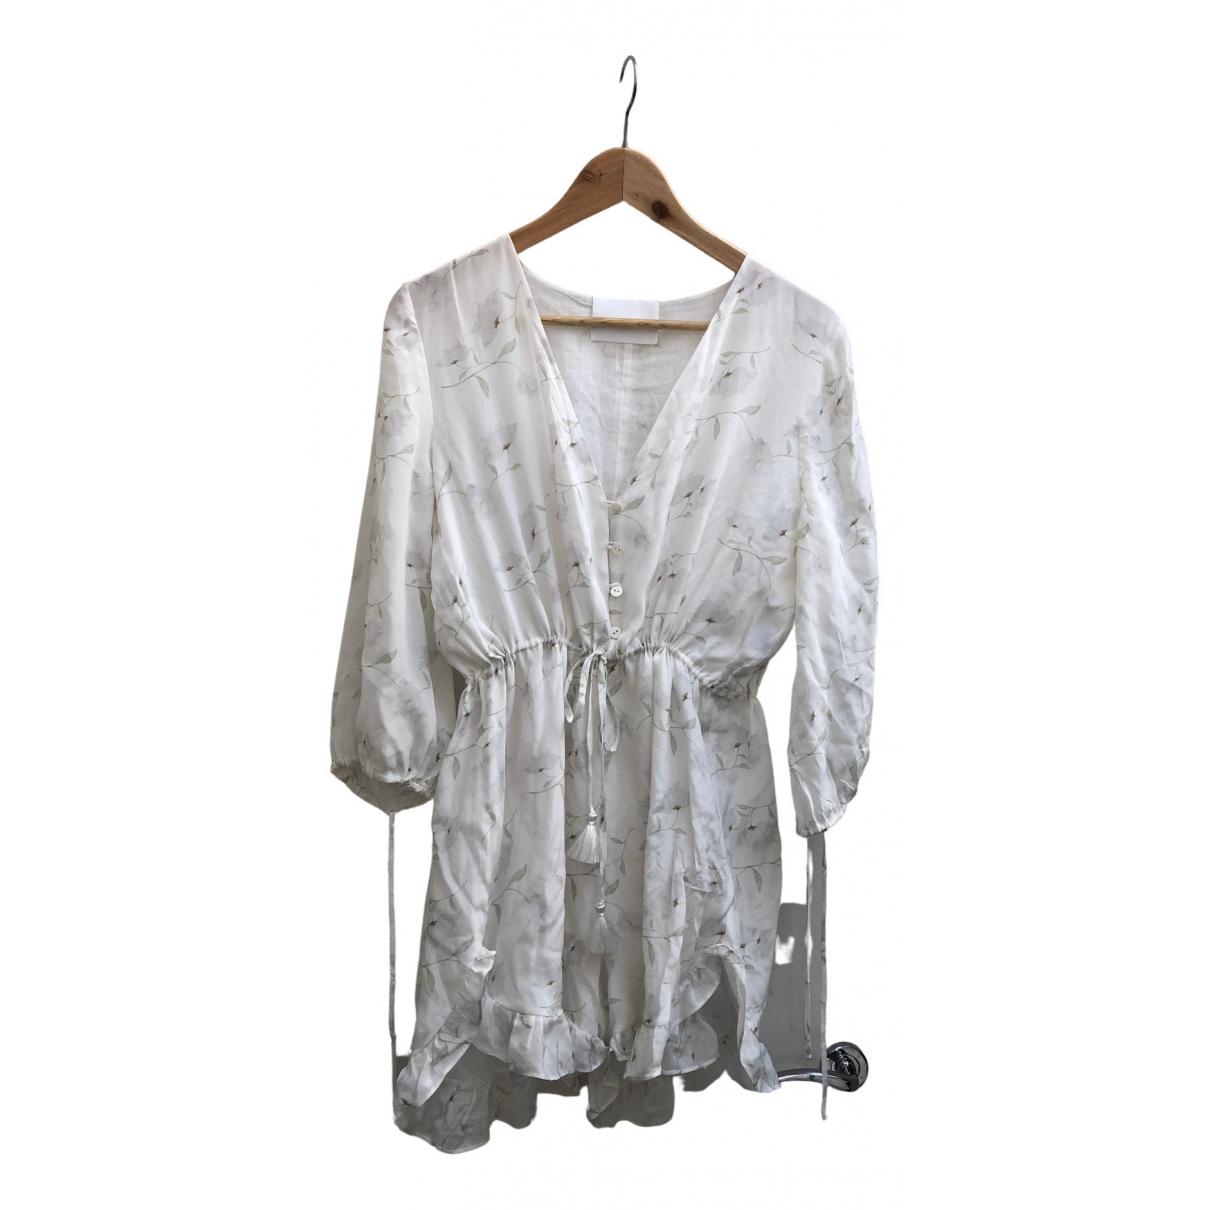 Athena Procopiou - Combinaison   pour femme en soie - blanc